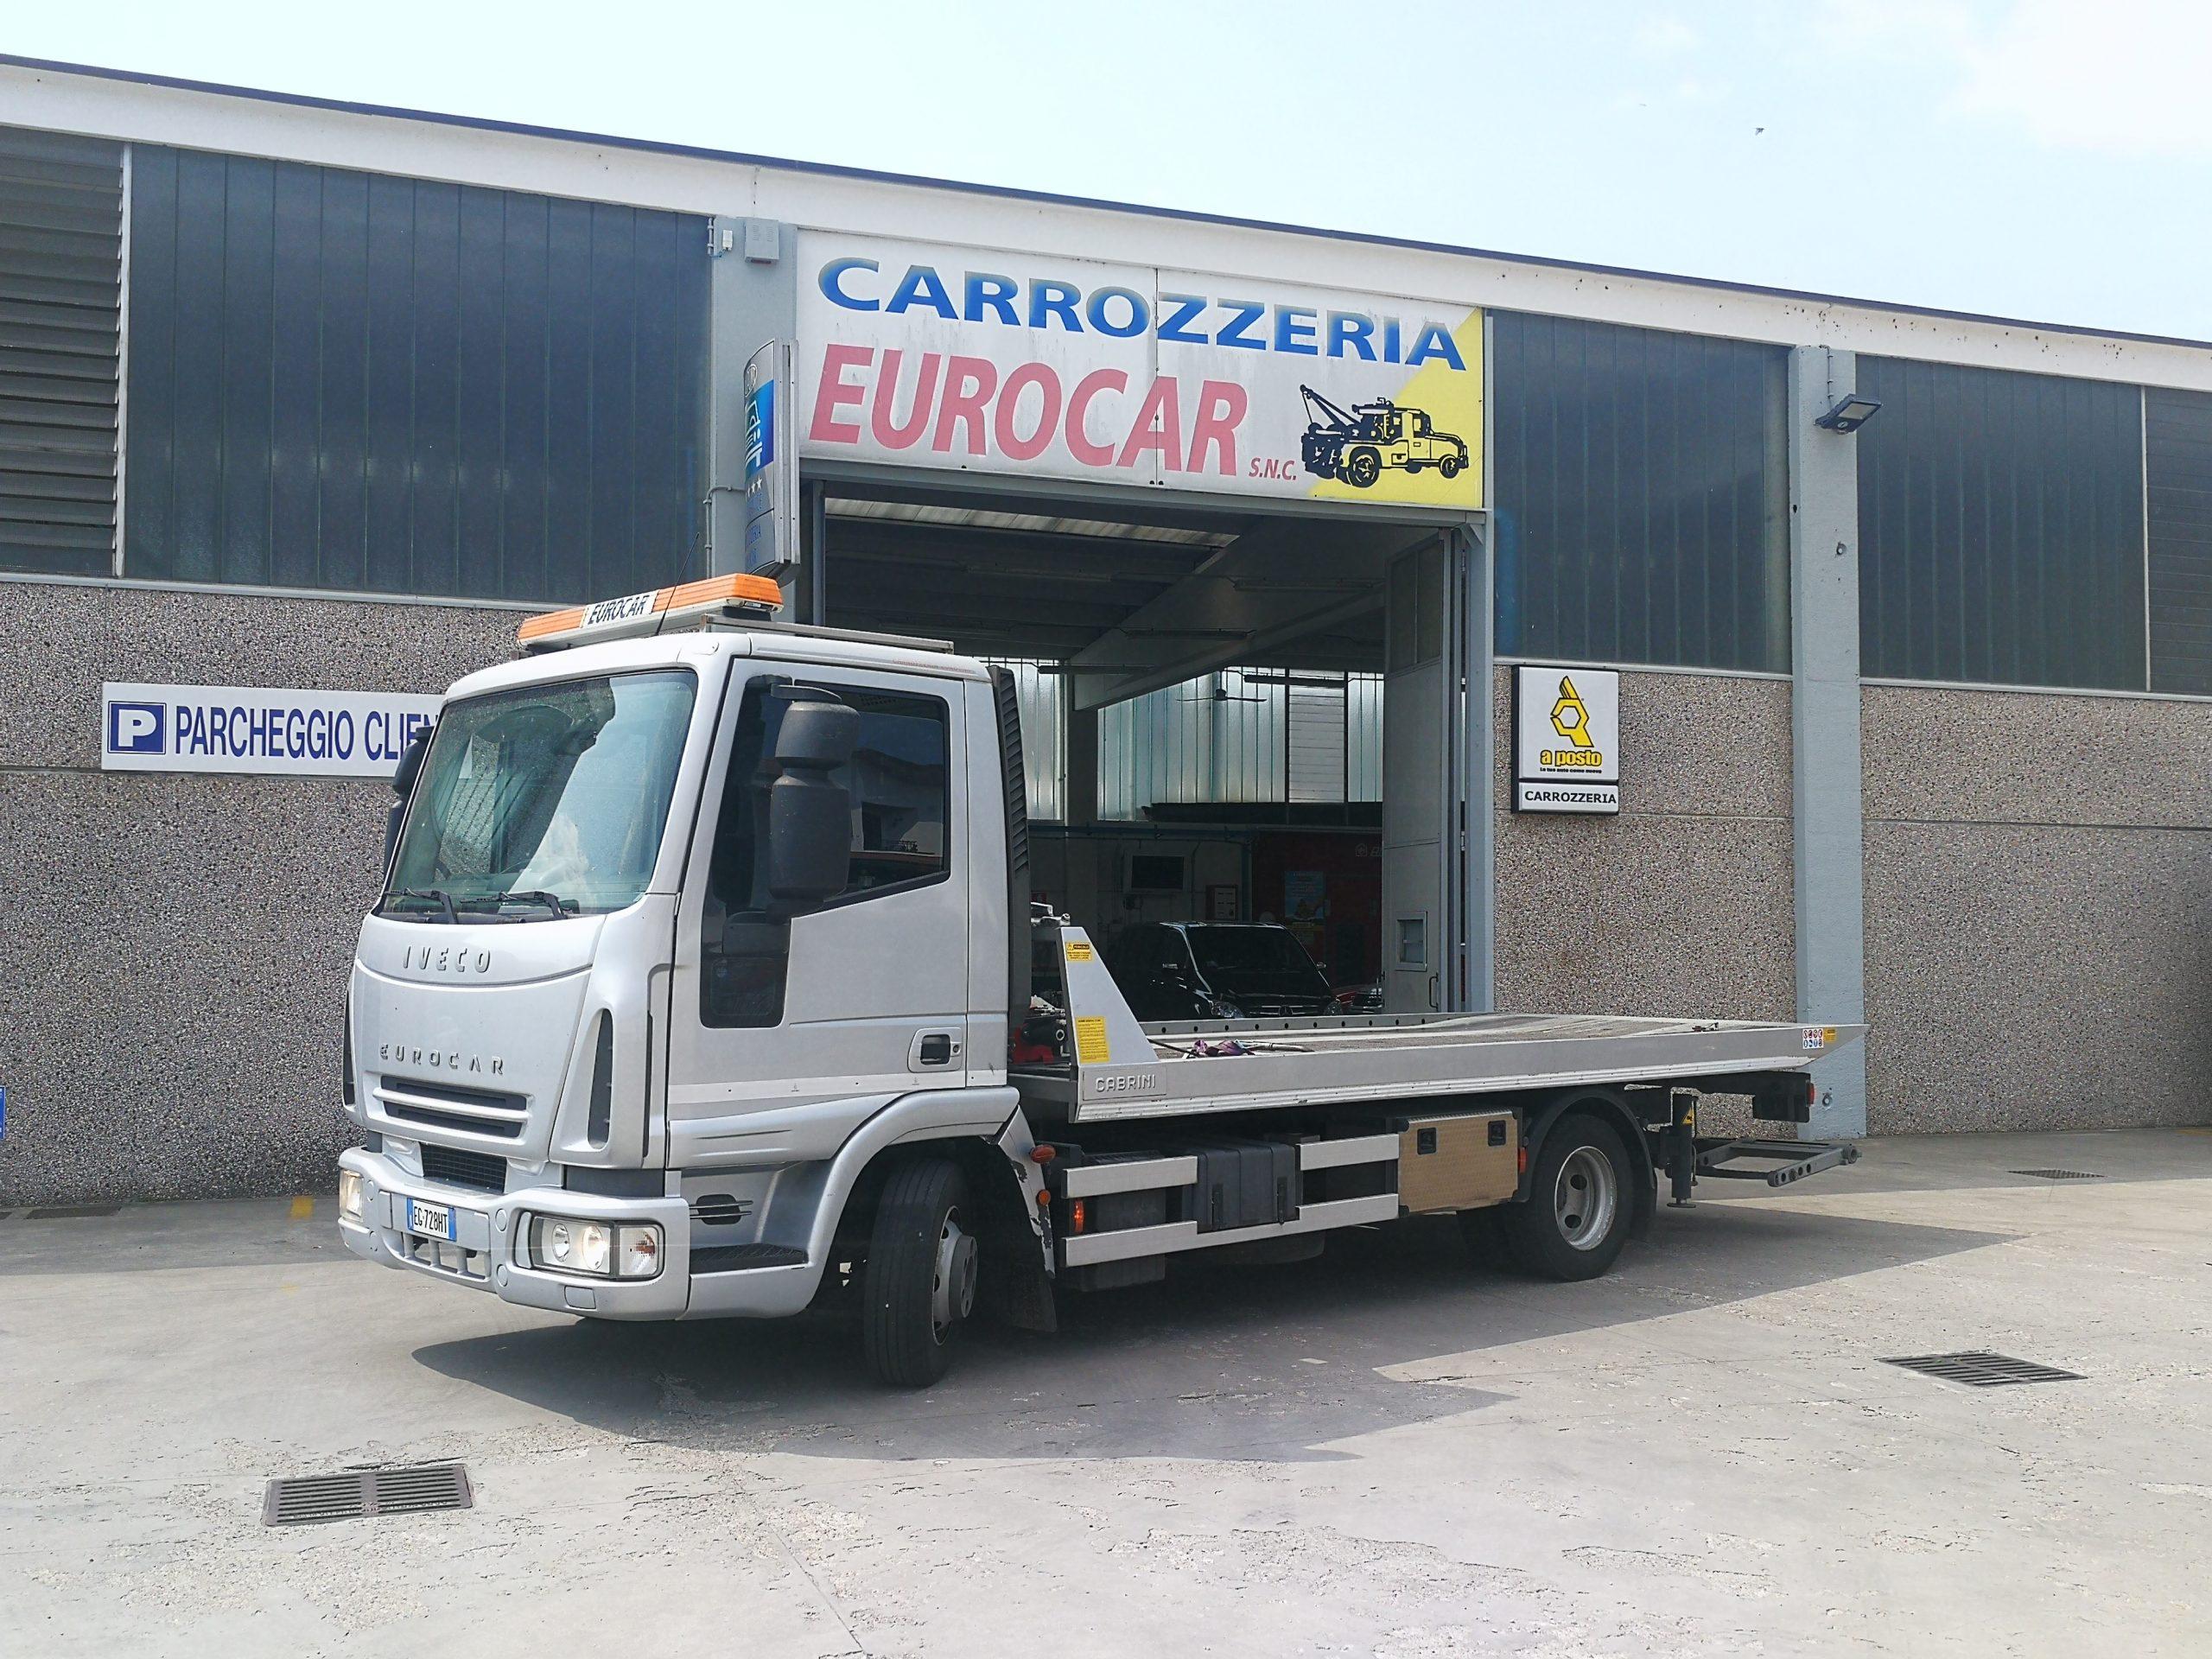 Carroattrezzi Carrozzeria Eurocar Spino d'Adda